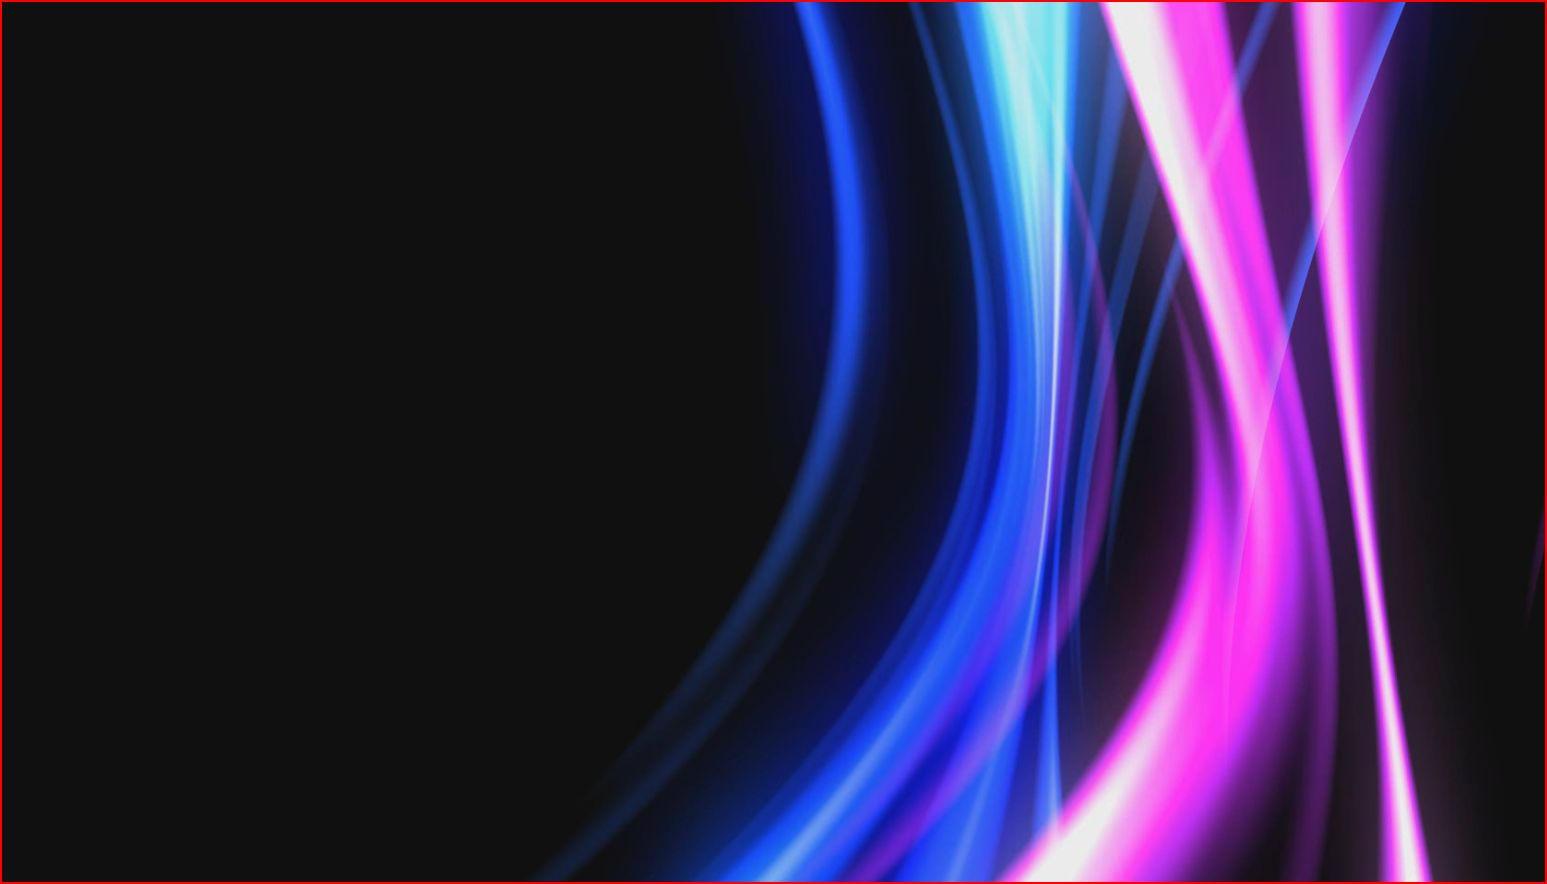 DreamScene stripes by c-r-o-n-o-s